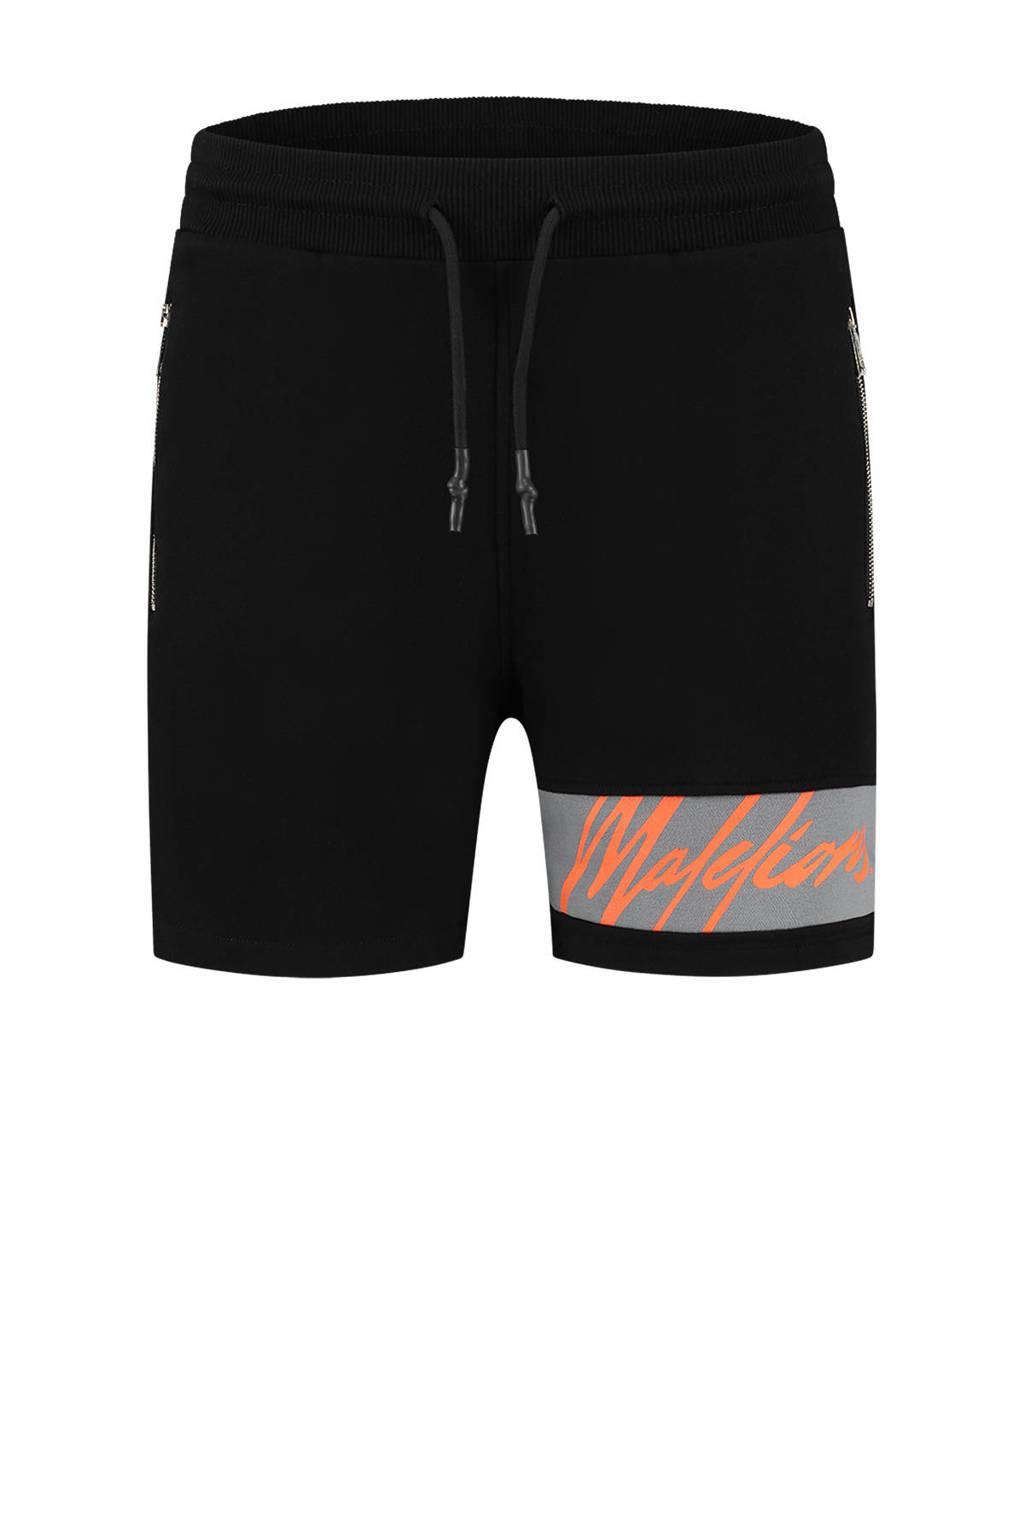 Malelions slim fit sweatshort met logo zwart/neon oranje, Zwart/neon oranje